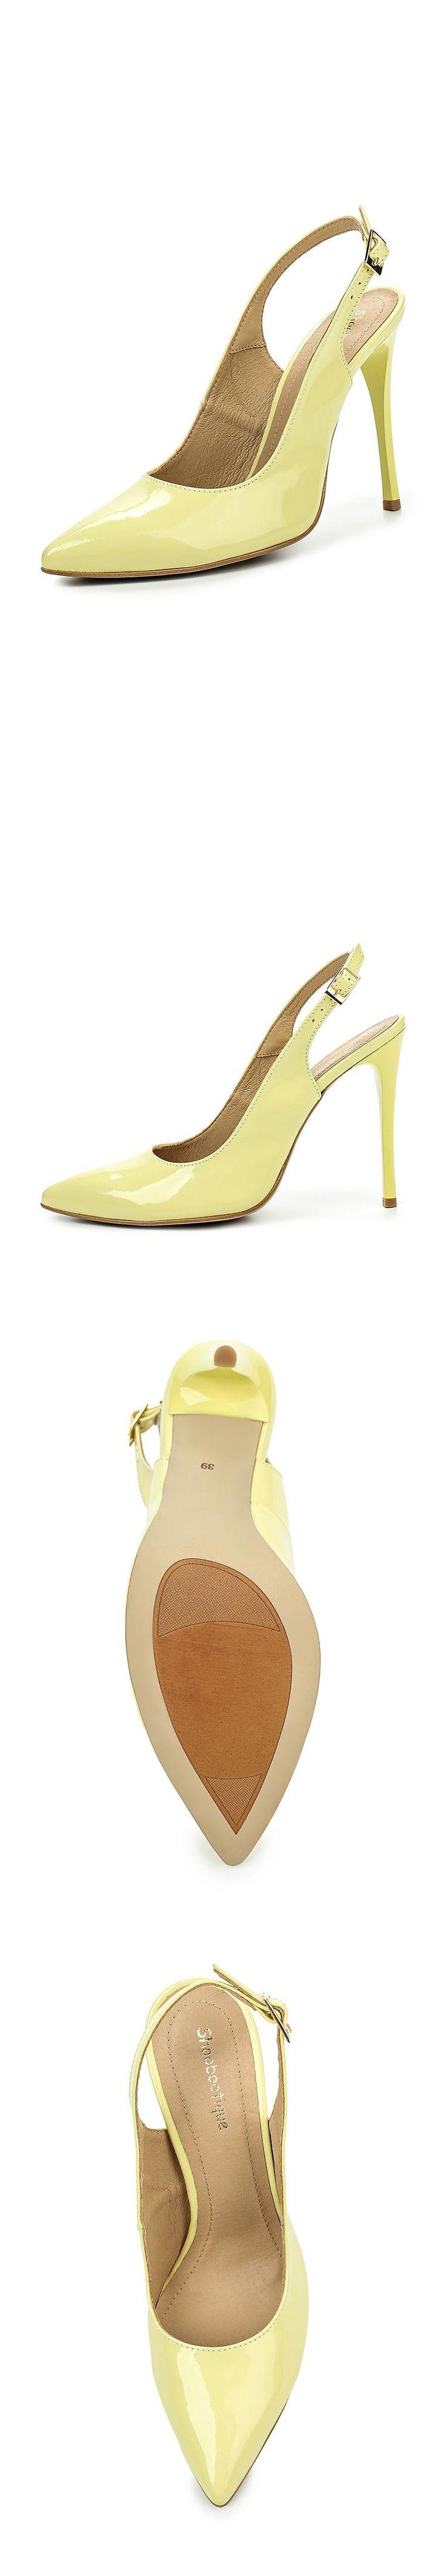 Женская обувь босоножки Shoobootique за 5130.00 руб.